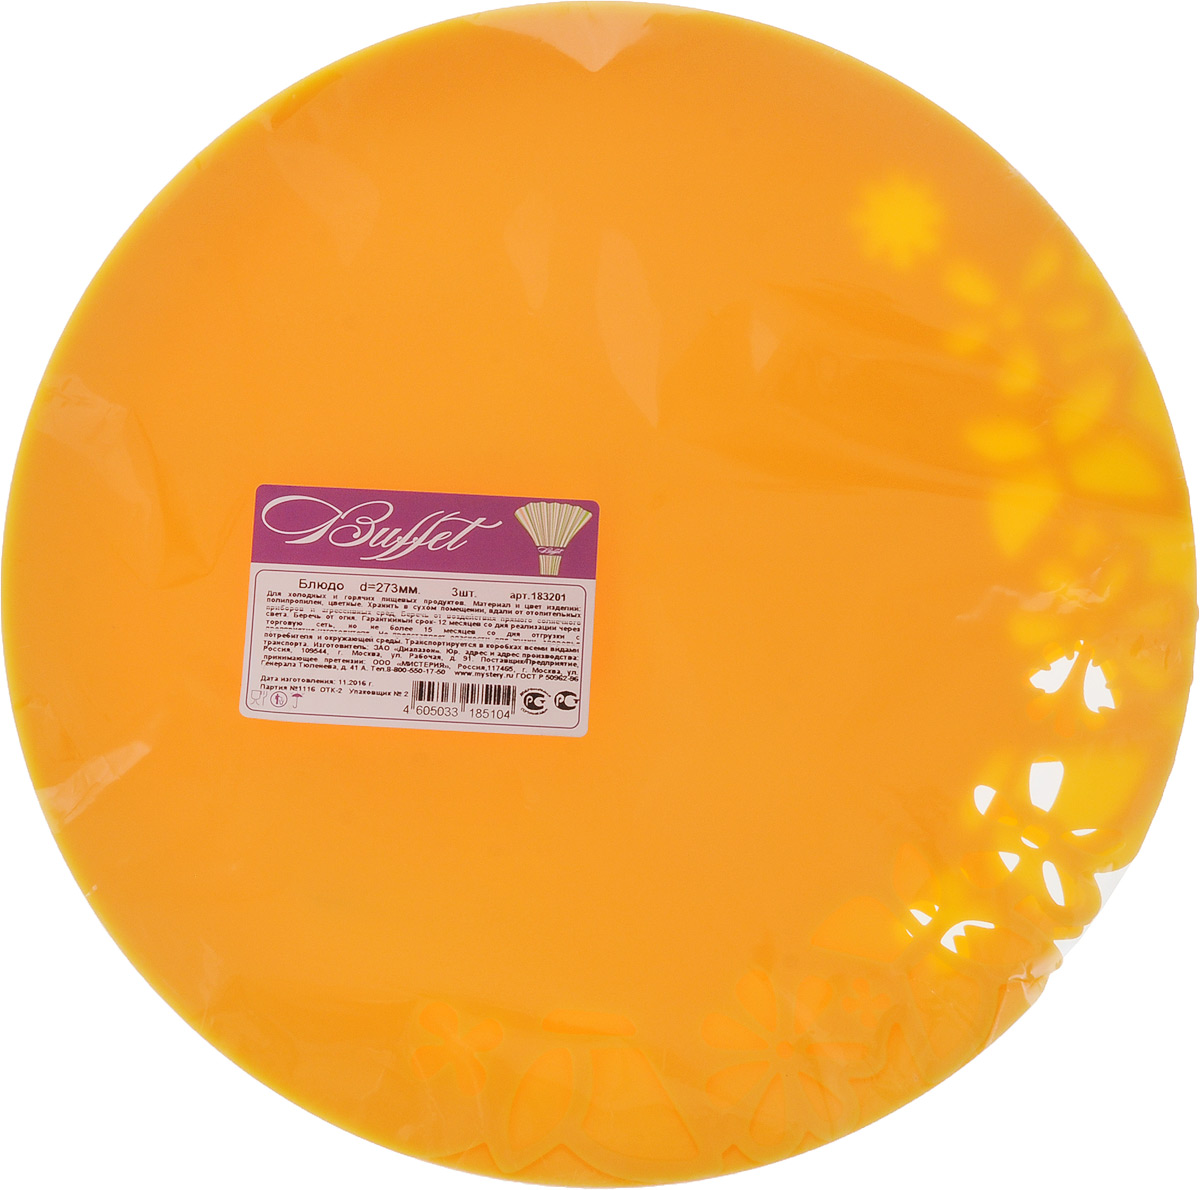 Набор тарелок Buffet, цвет: оранжевый, диаметр 27,3 см, 3 шт183201_желтыйНабор Buffet состоит из трех тарелок, оформленных декоративной перфорацией. Изделия, изготовленные из высококачественной полипропилена, сочетают в себе изысканный дизайн с максимальной функциональностью. Тарелки предназначены для холодных и горячих (до +70°С) продуктов. Такие тарелки незаменимы в поездках на природу и на пикниках.Диаметр тарелки: 27,3 см.Высота стенки: 1,5 см.